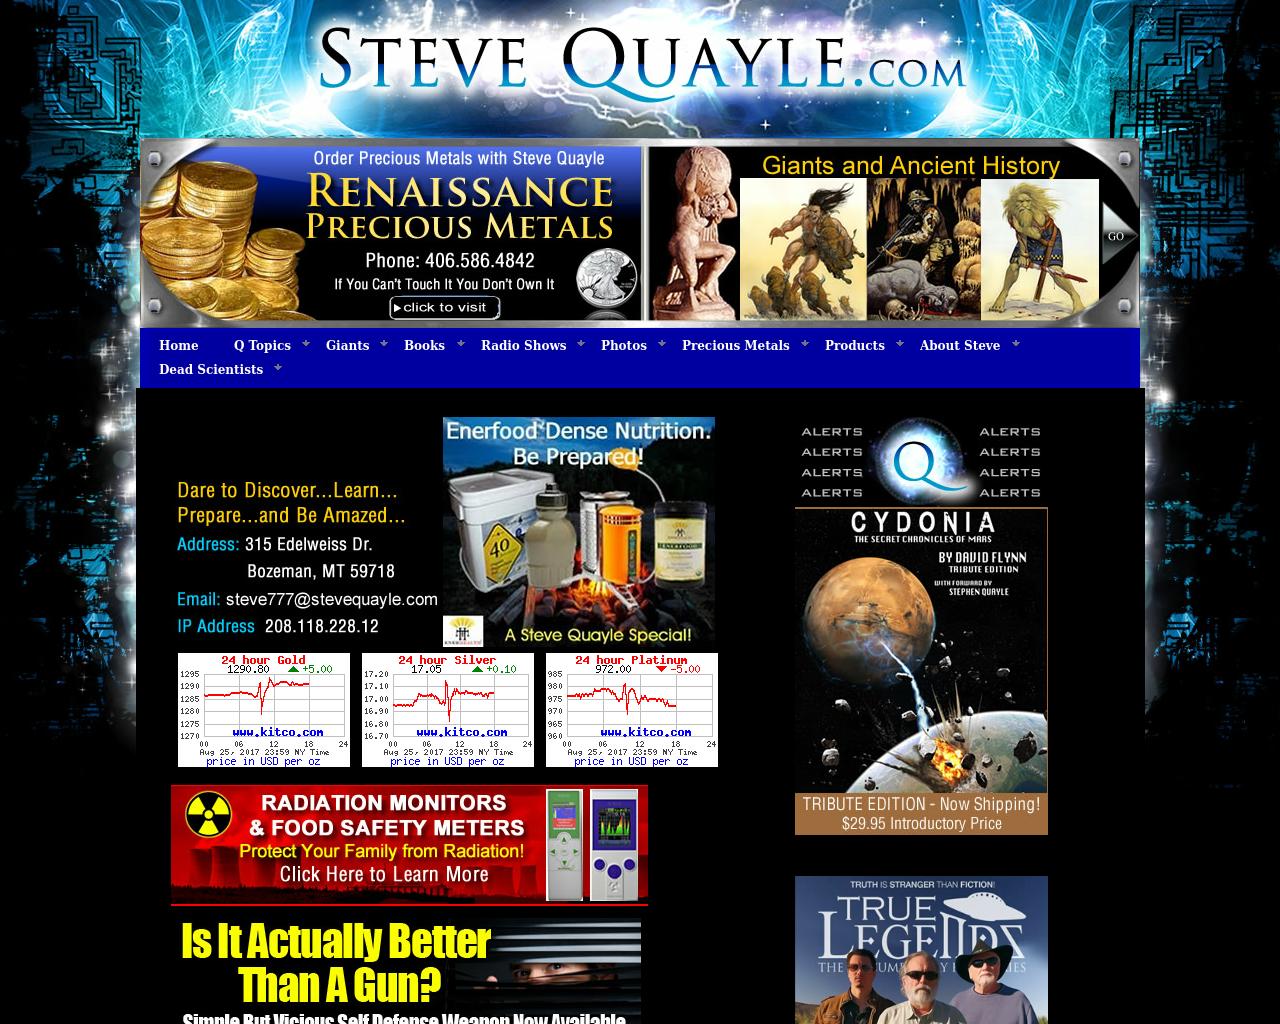 Steve-Quayle.com-Advertising-Reviews-Pricing